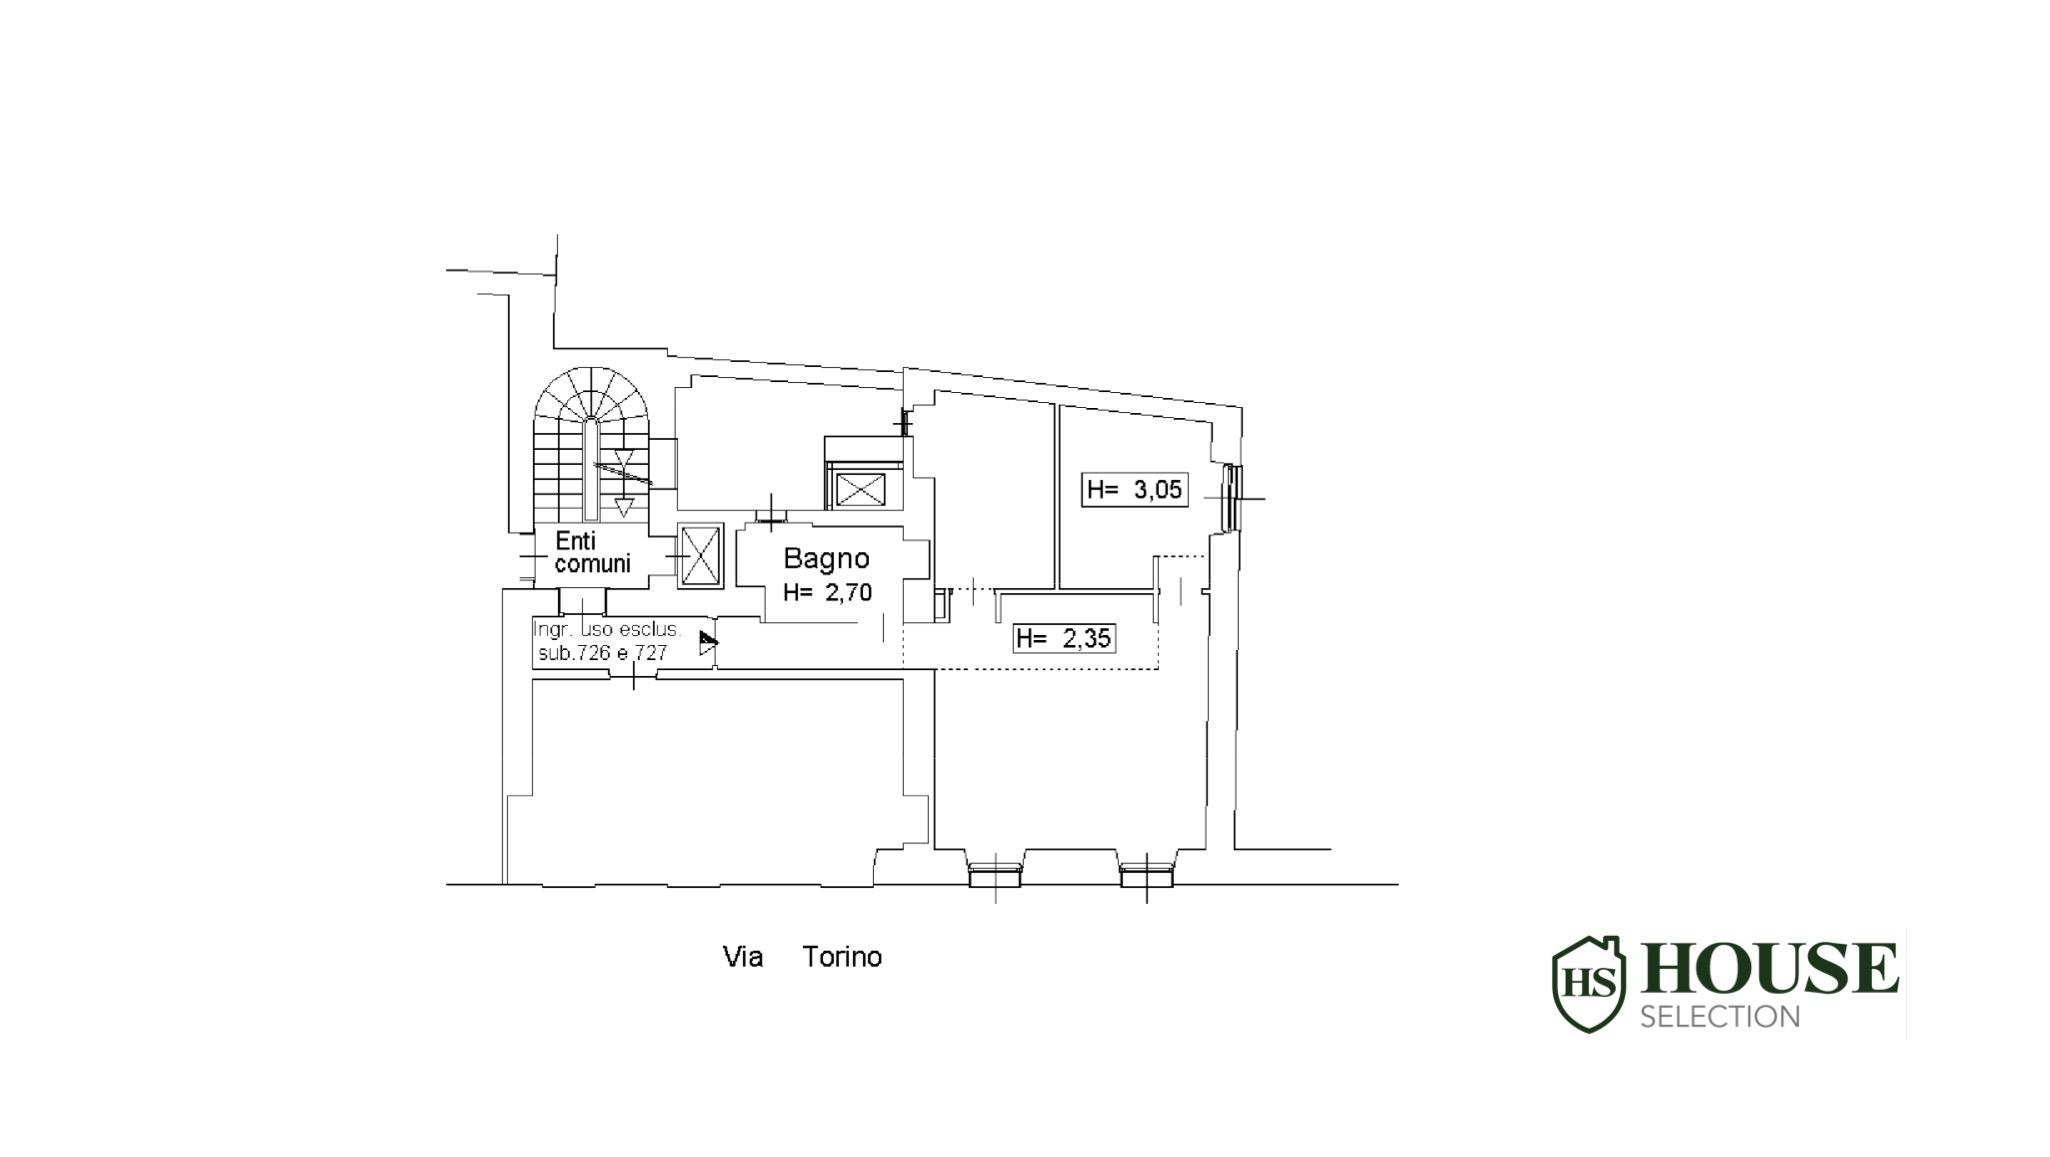 Planimetria vendita trilocale via Torino